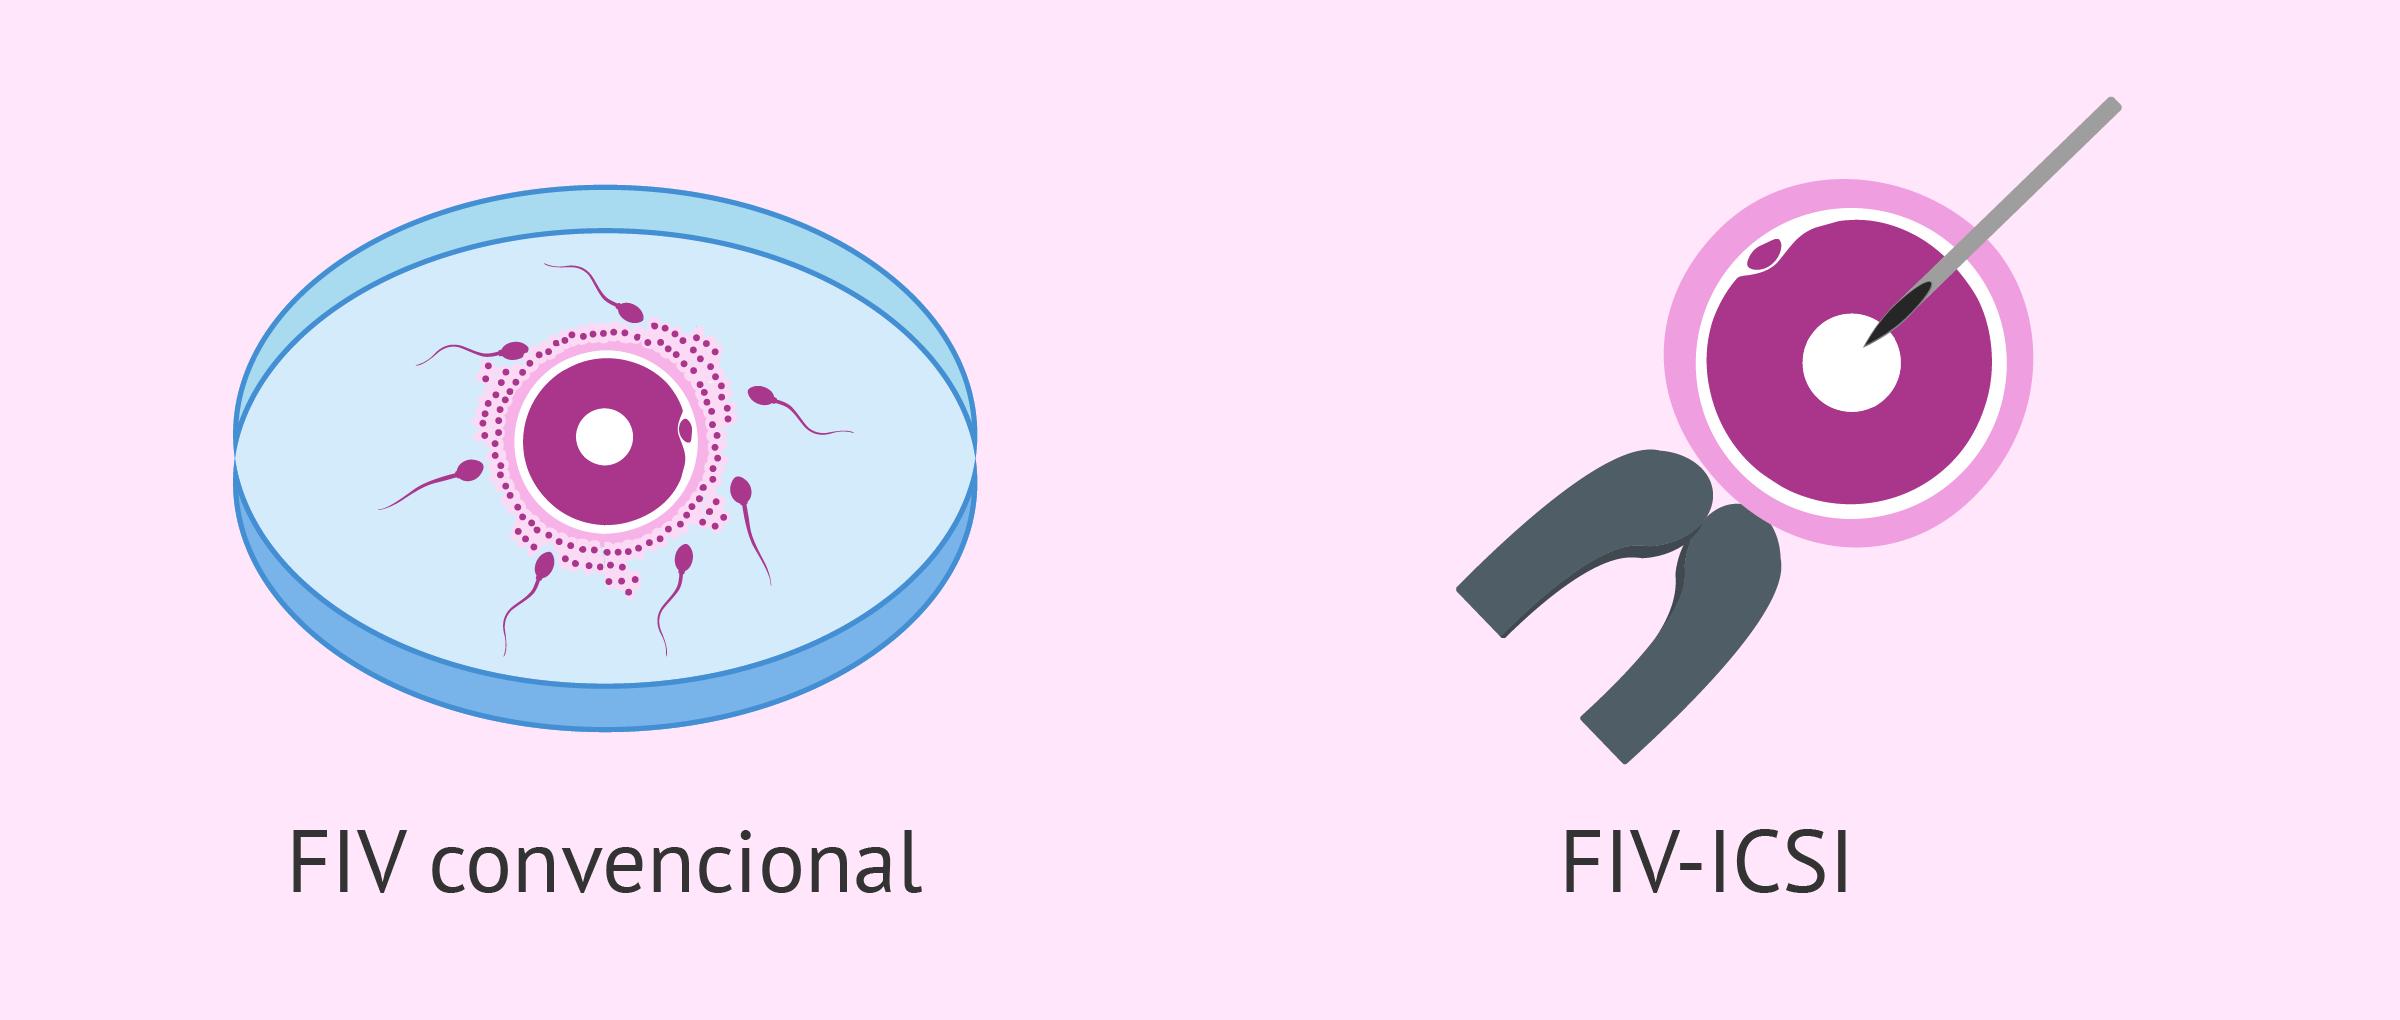 Fecundació in vitro convencional o ICSI